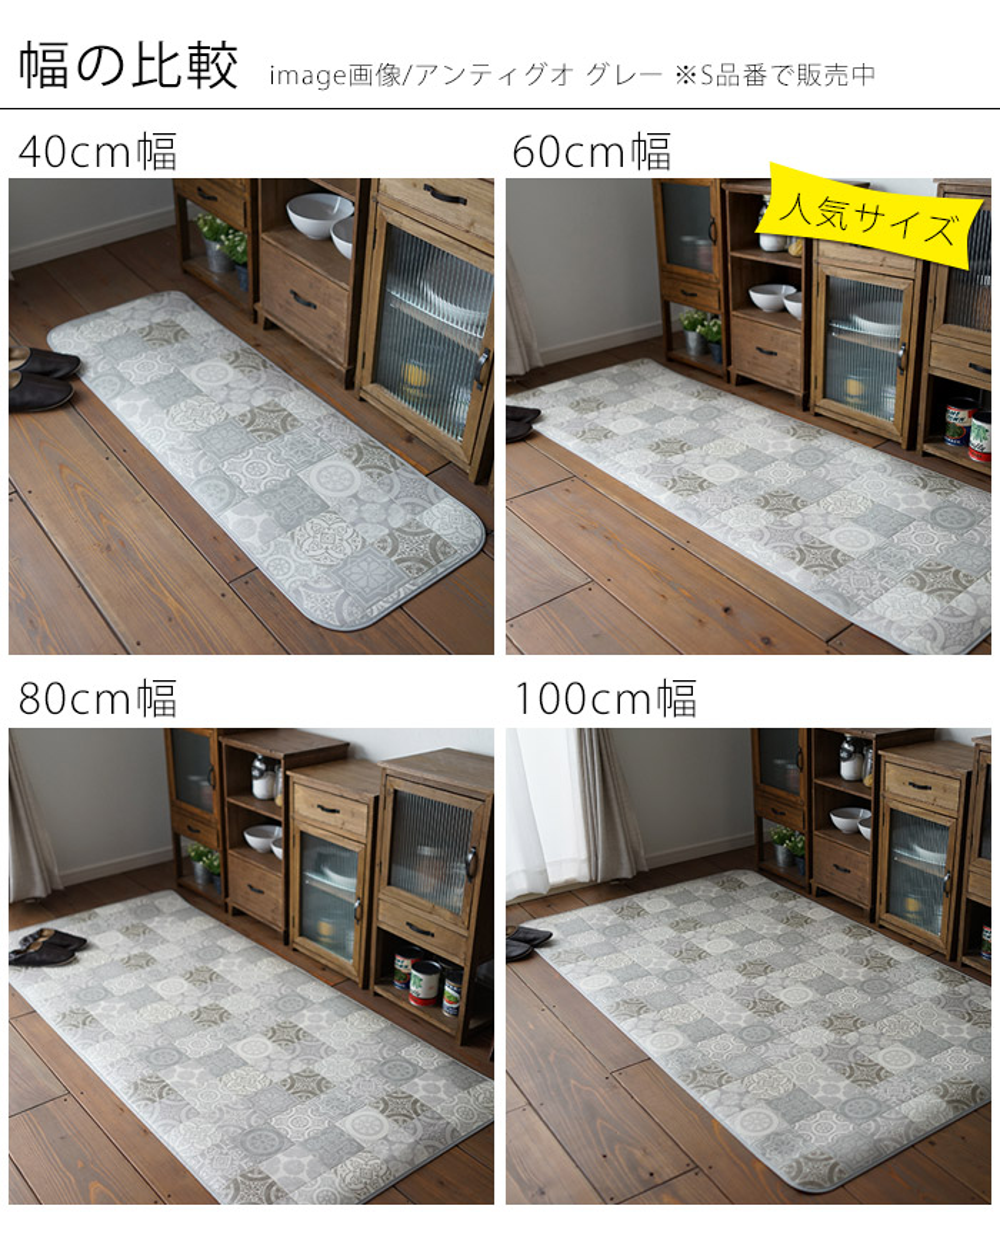 40cm/60cm/80cm/100cm幅の比較